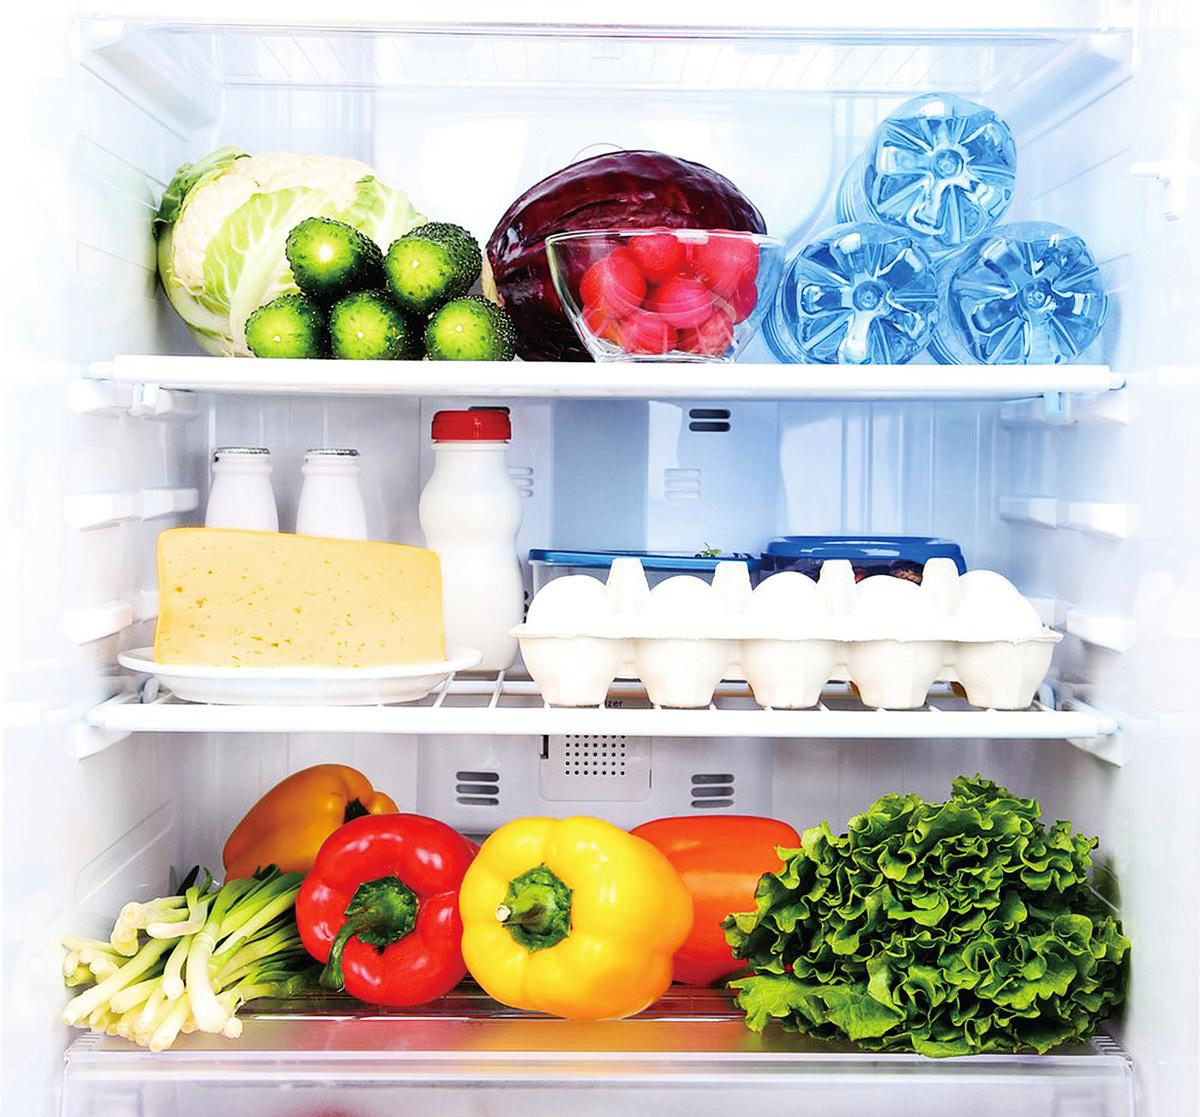 雪櫃內部應保持清潔,要不時搽拭,衛生之餘也可確保食物新鮮。(Fotolia)